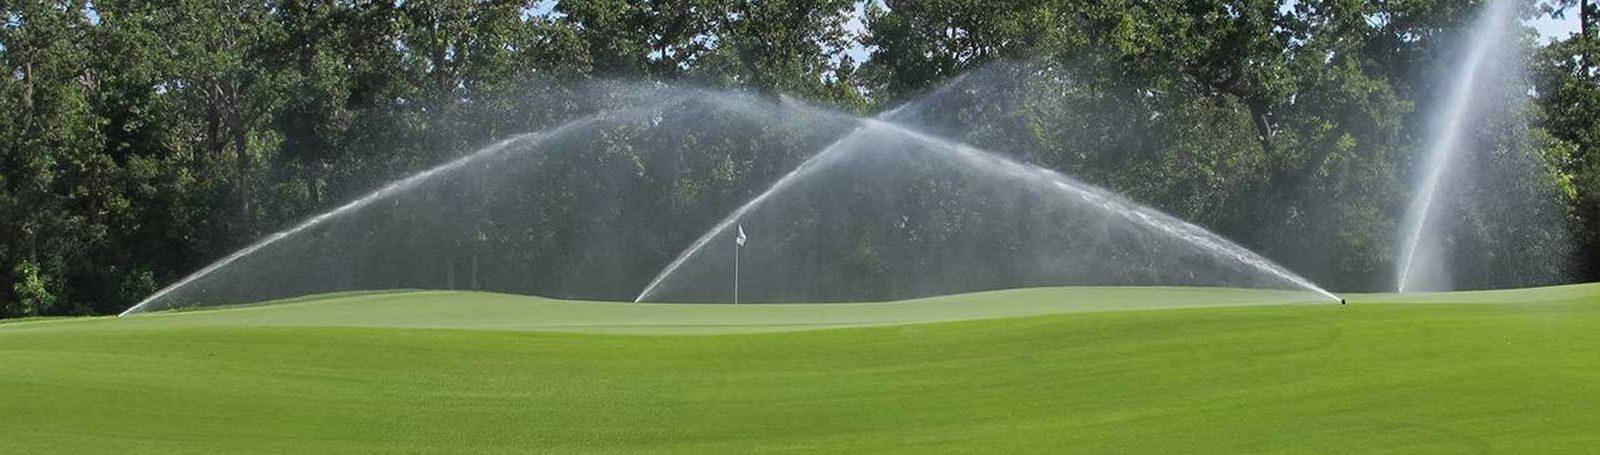 Darling Irrigation Sprinklers and Valves